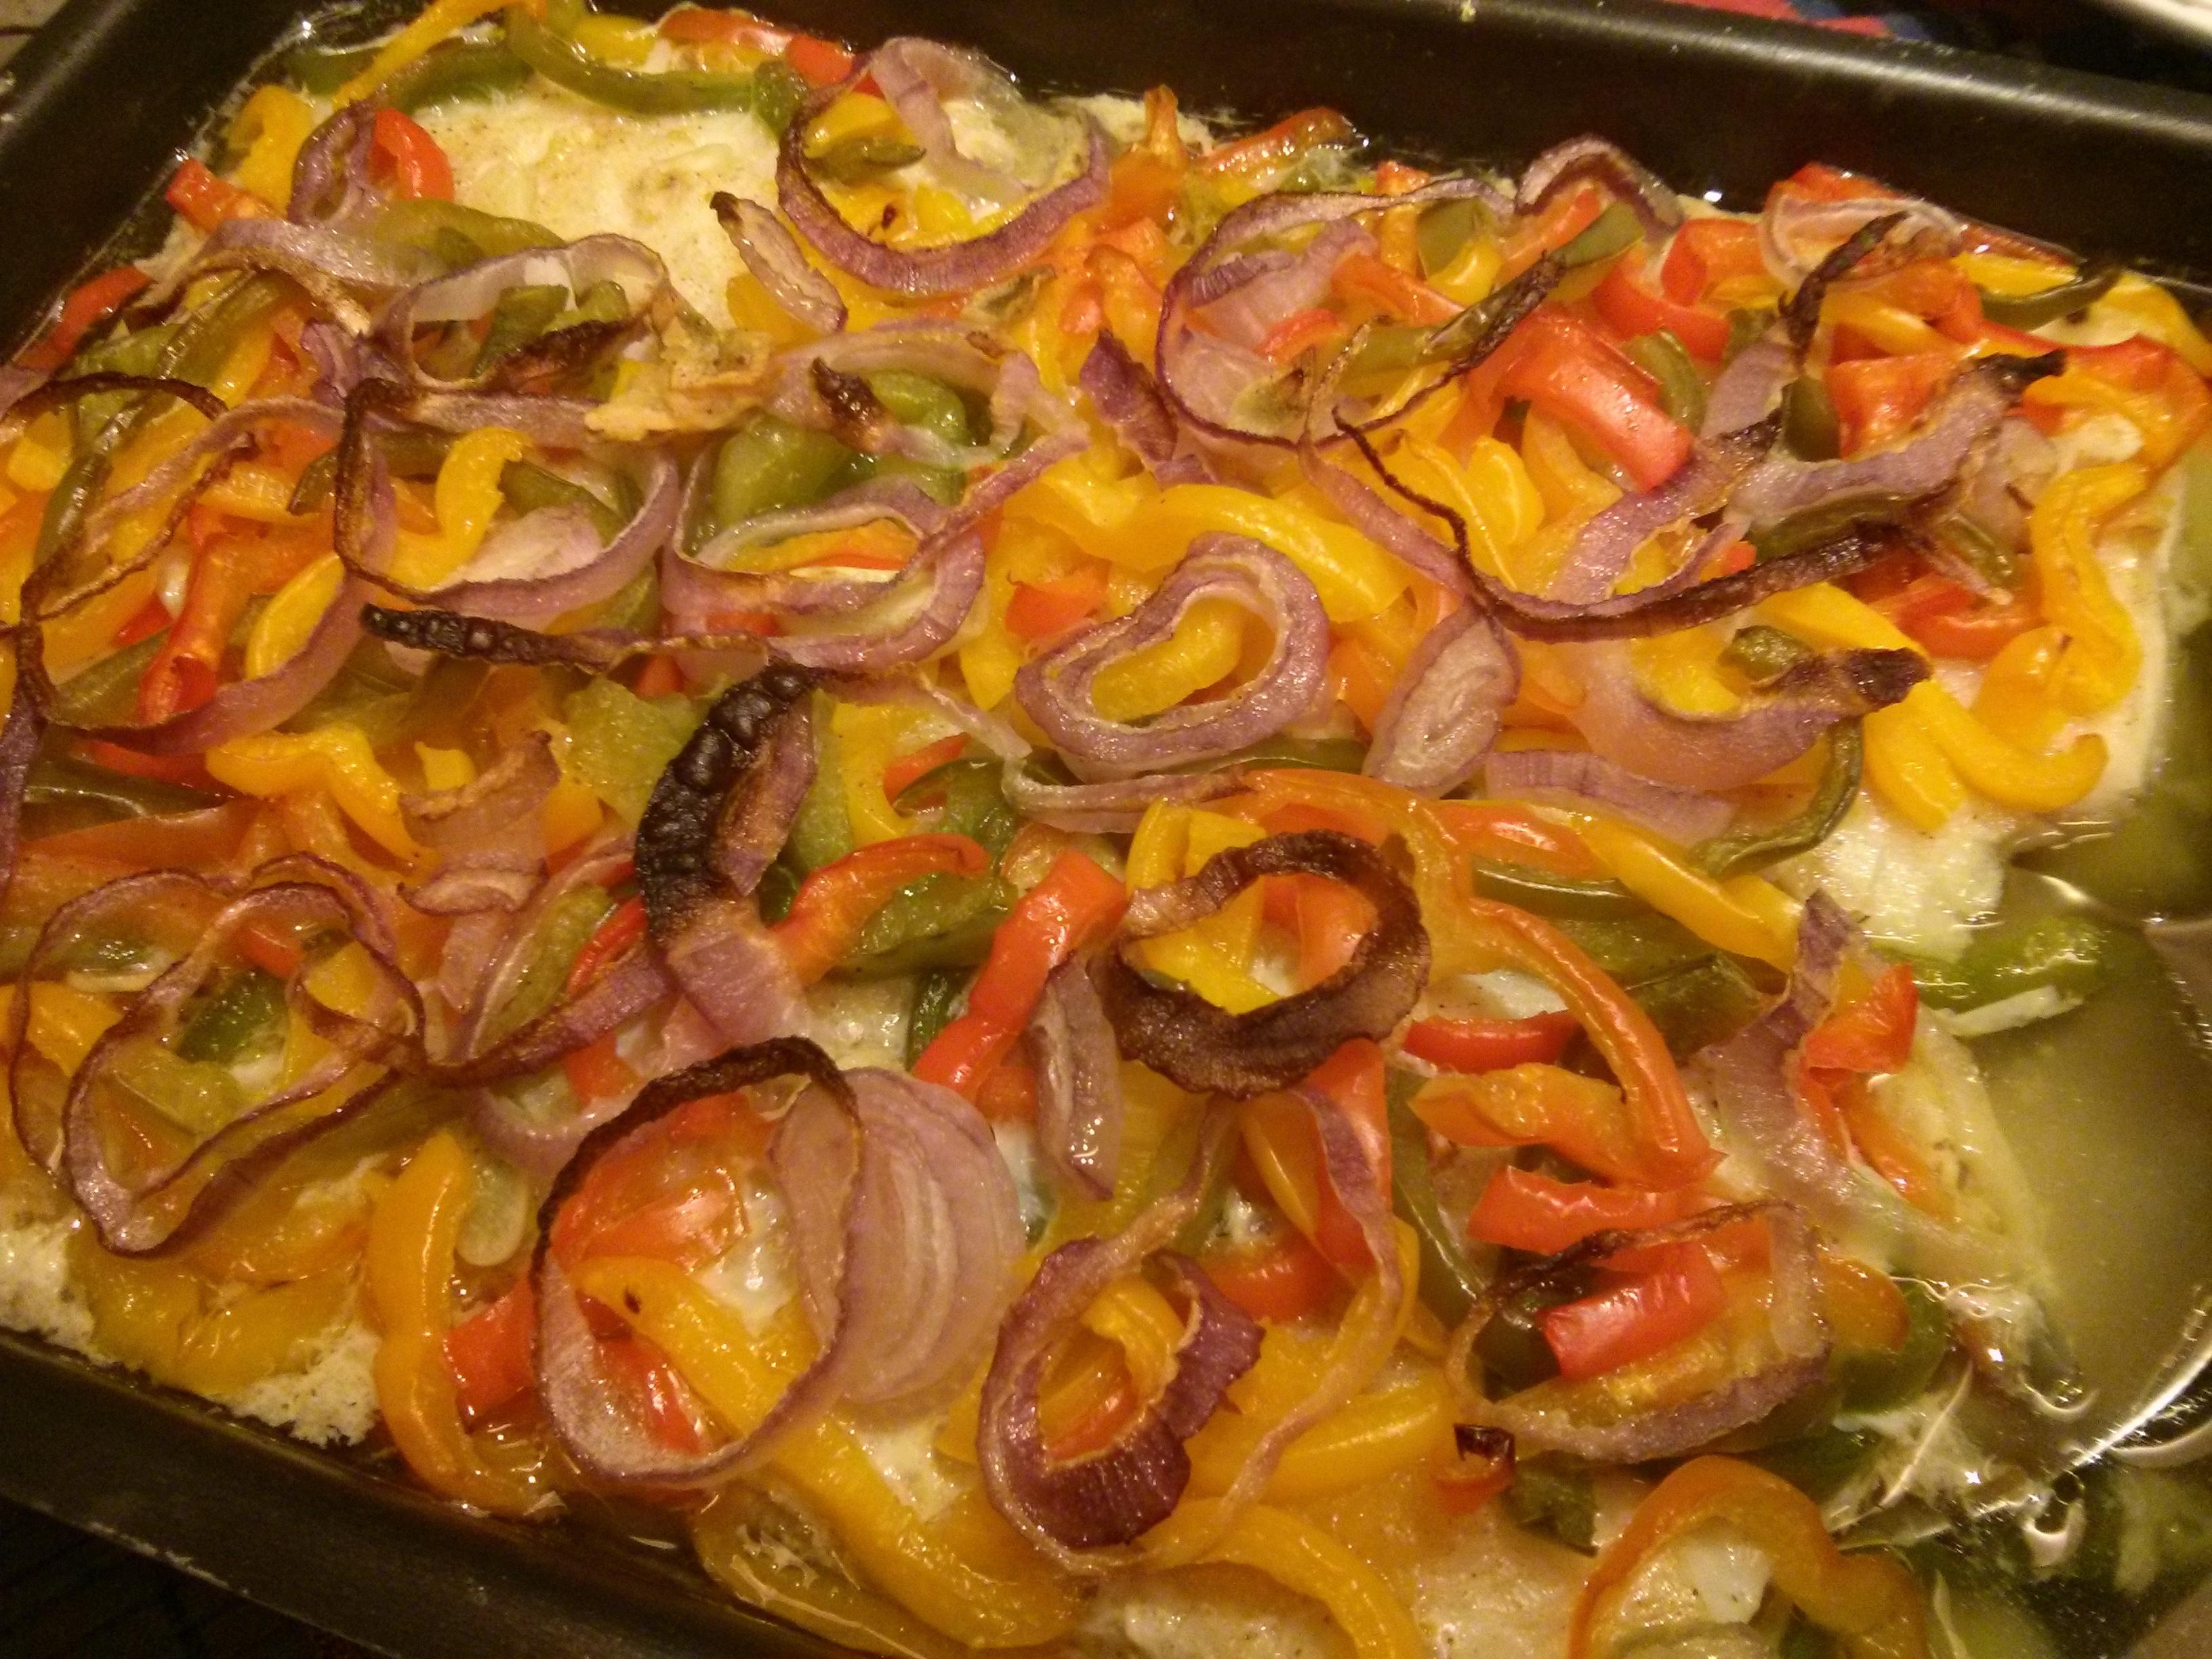 Filé de tilápia assado com legumes